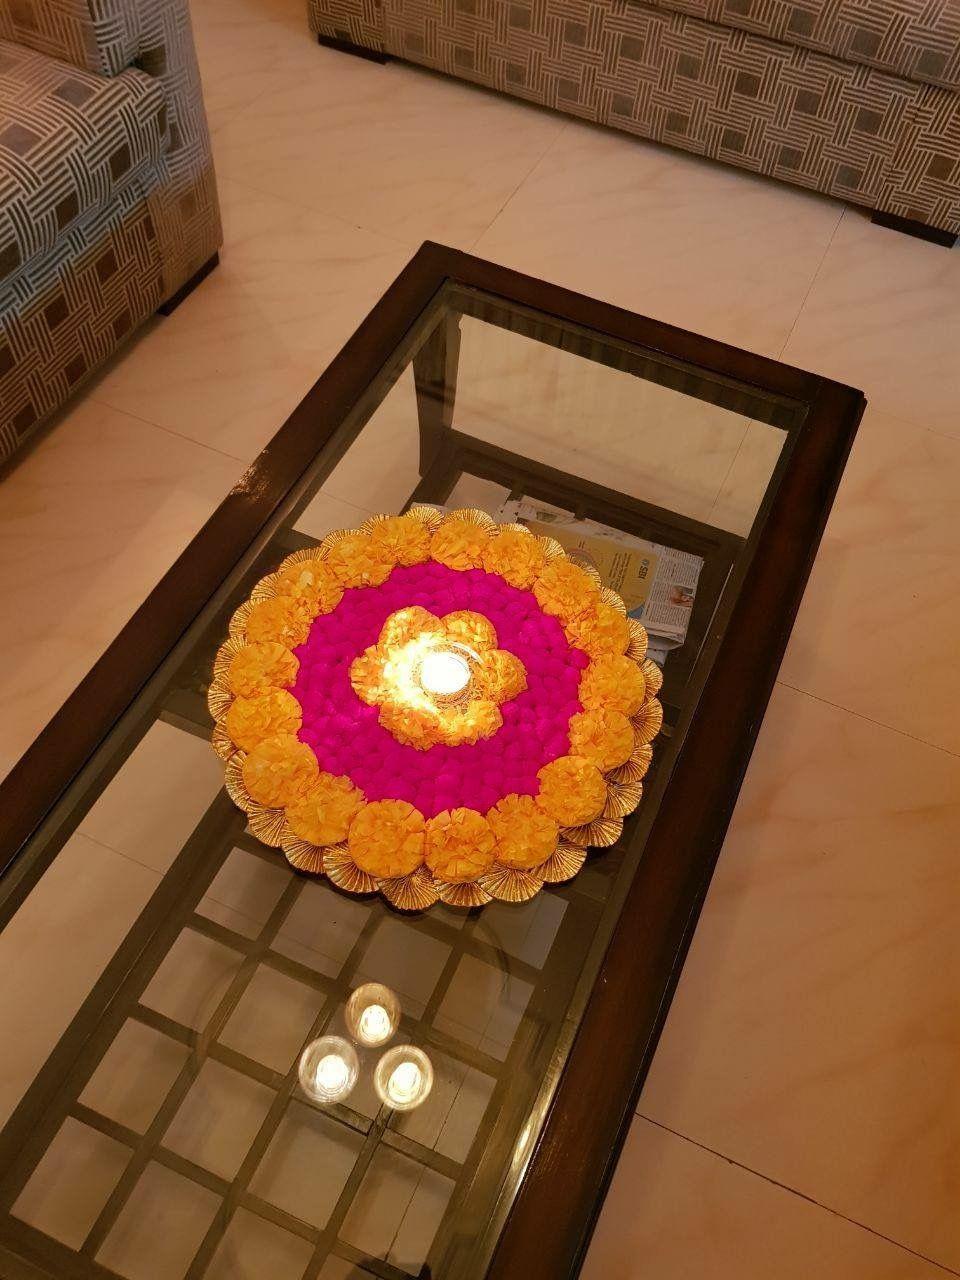 Diwali Lamp Carnations Diy Diwali Decorations Diwali Diy Diwali Decorations At Home